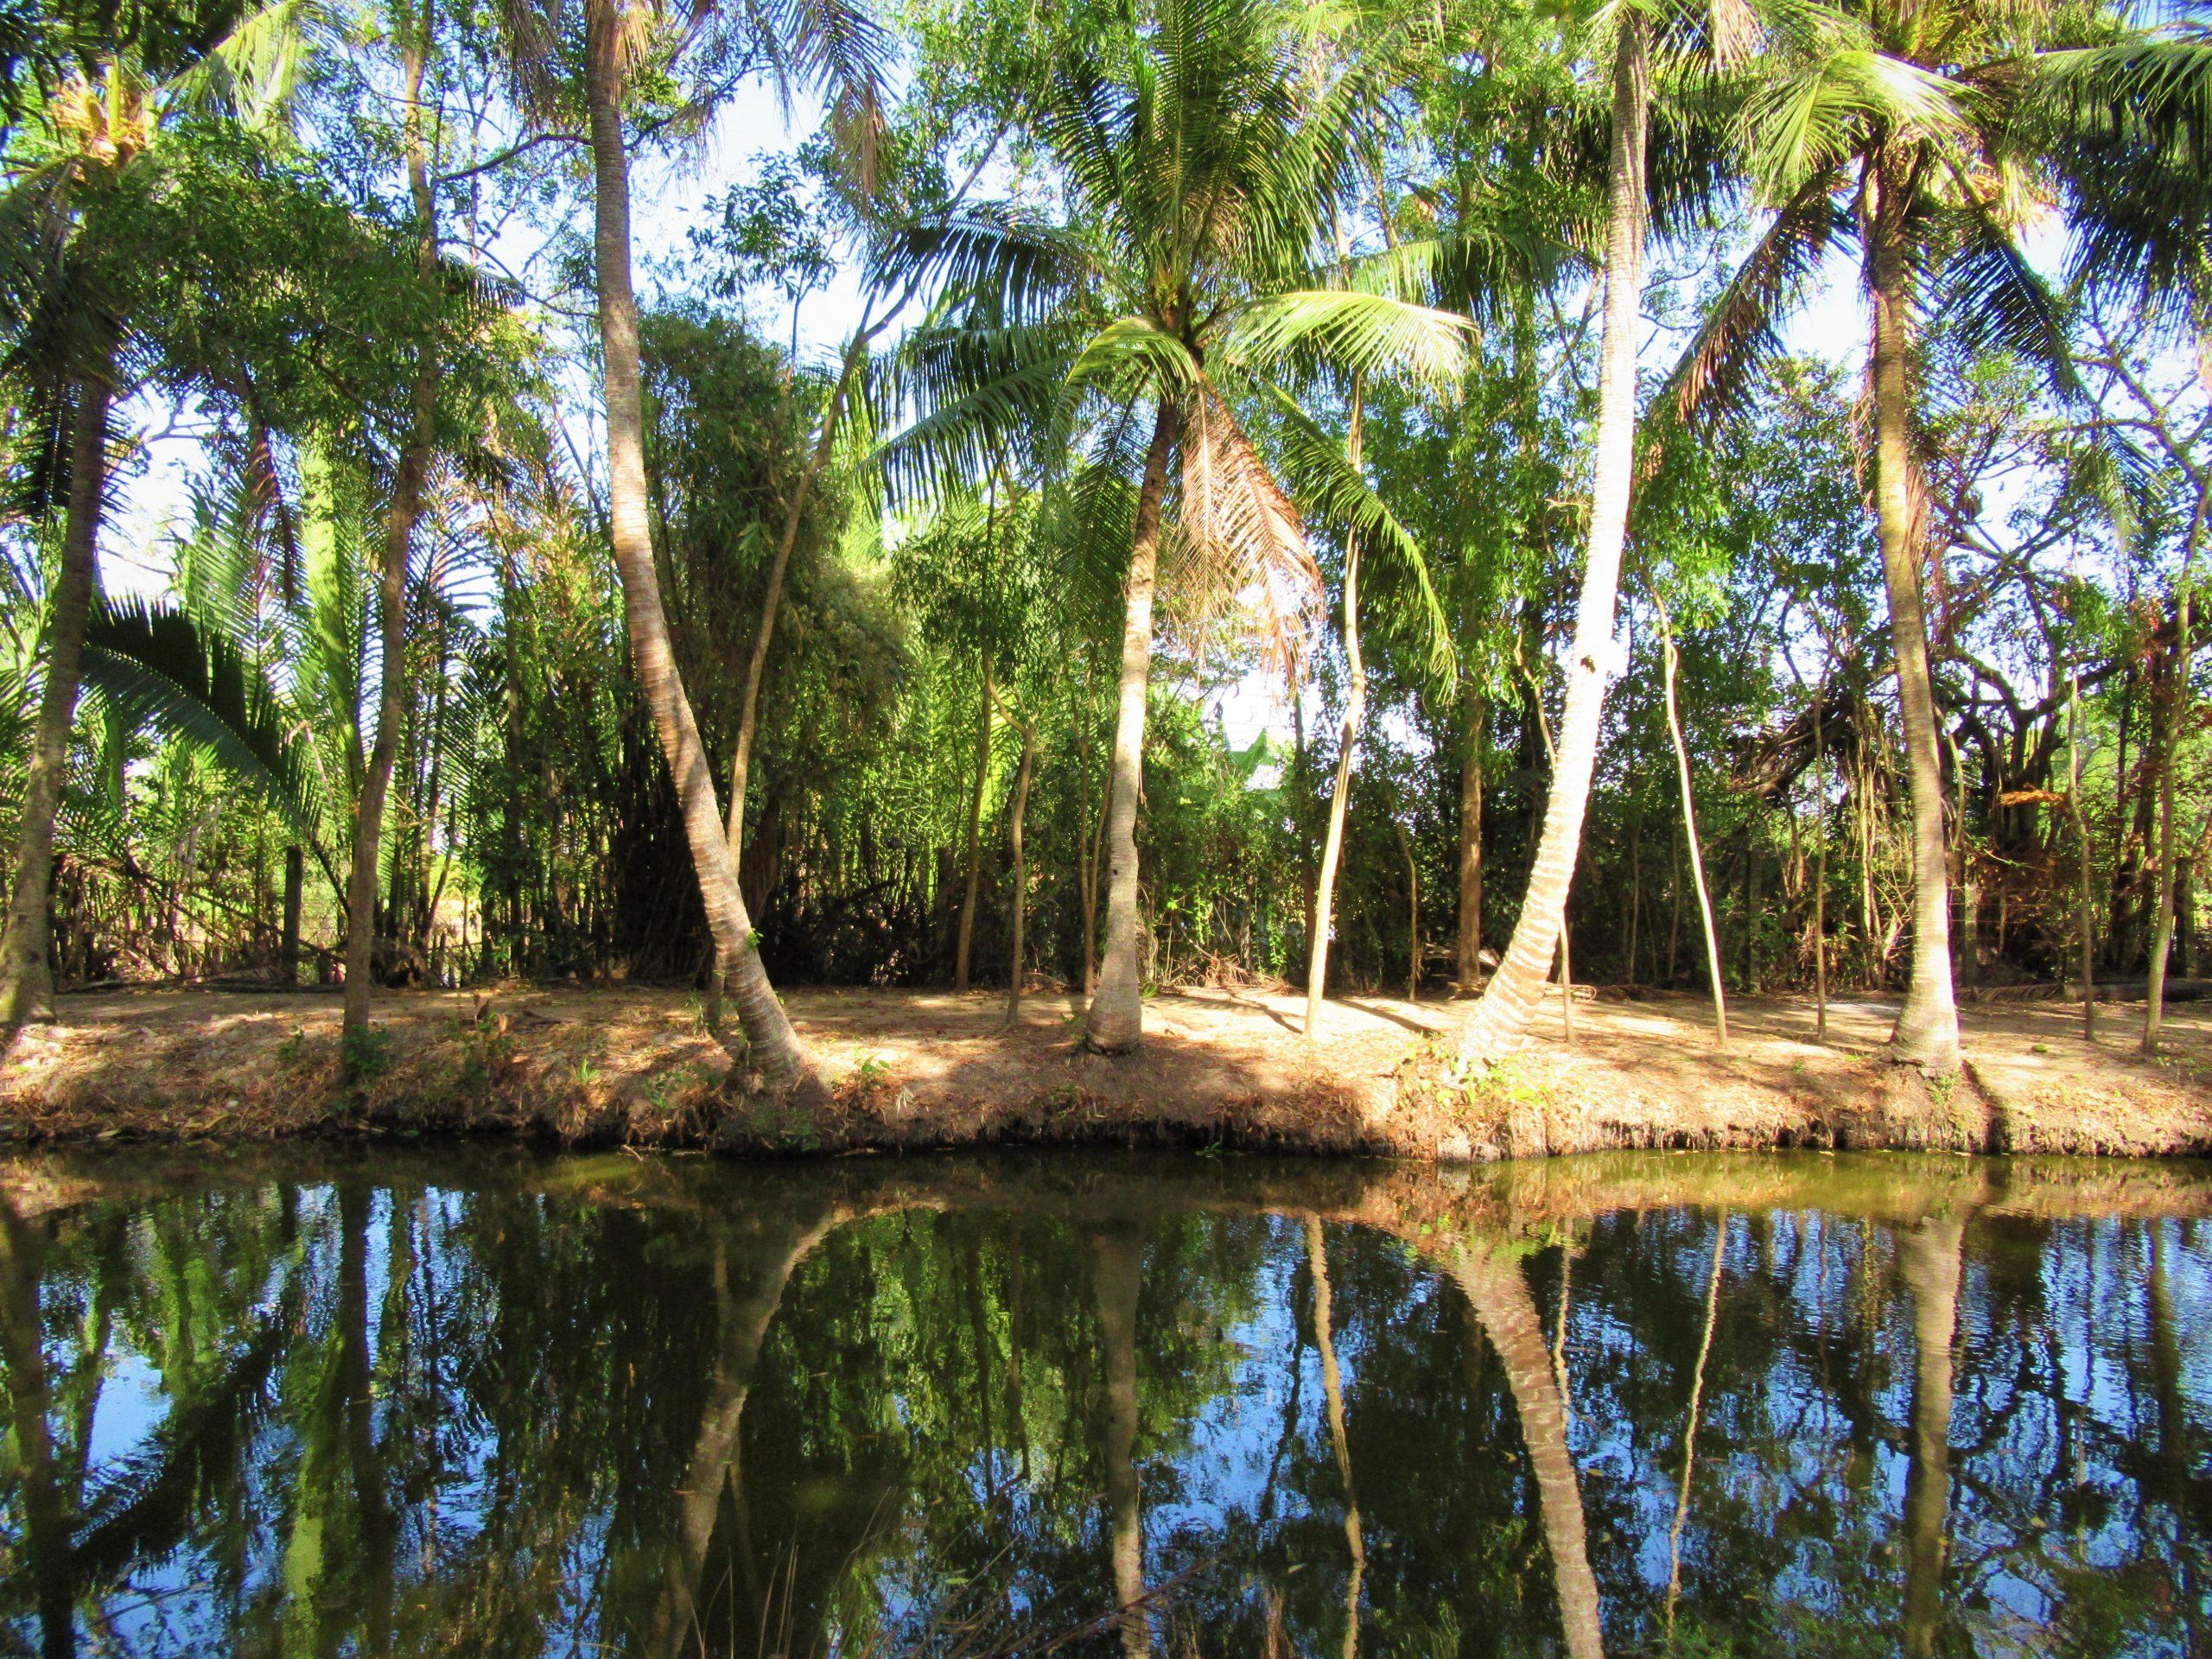 Sacred pond & coconut palms, Tra Vinh Province, Mekong Delta, Vietnam